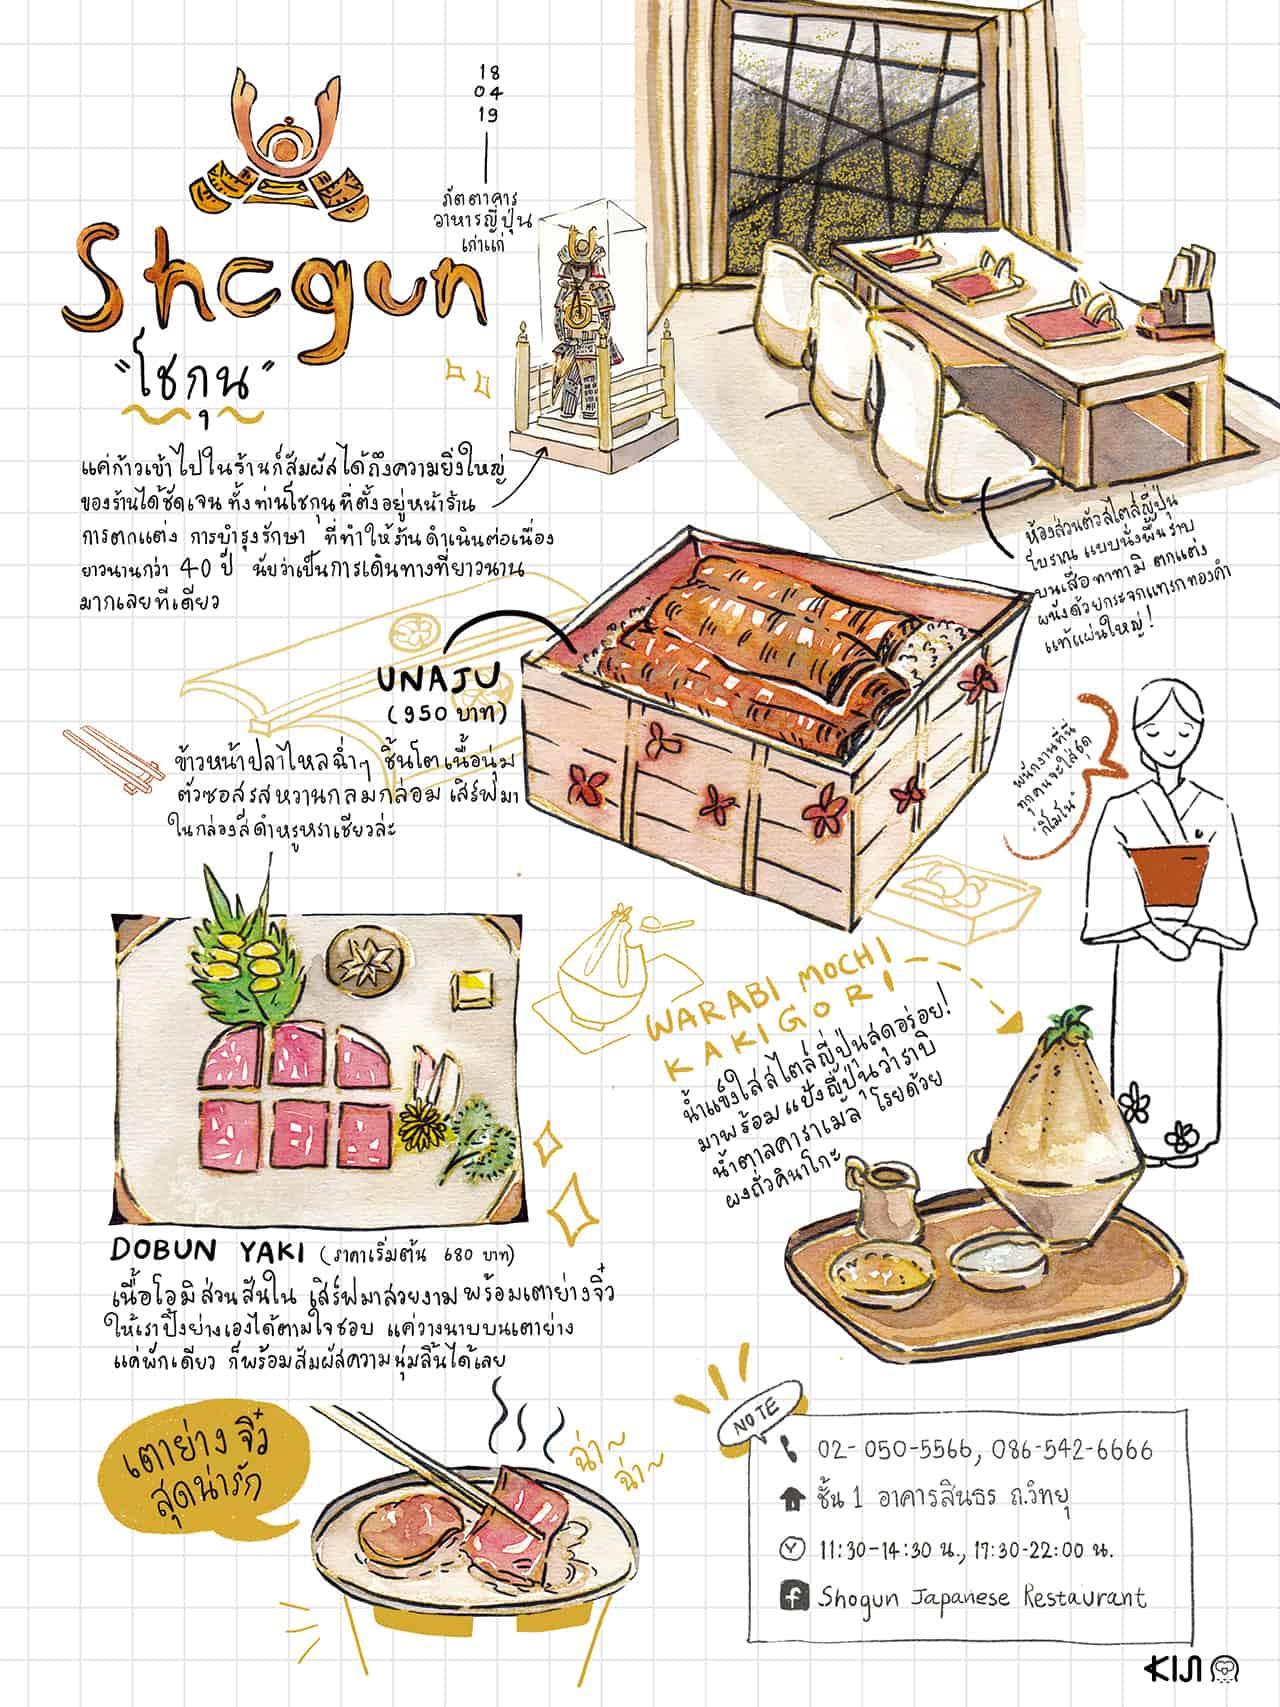 อาหารญี่ปุ่น Shogun Japanese Restaurant